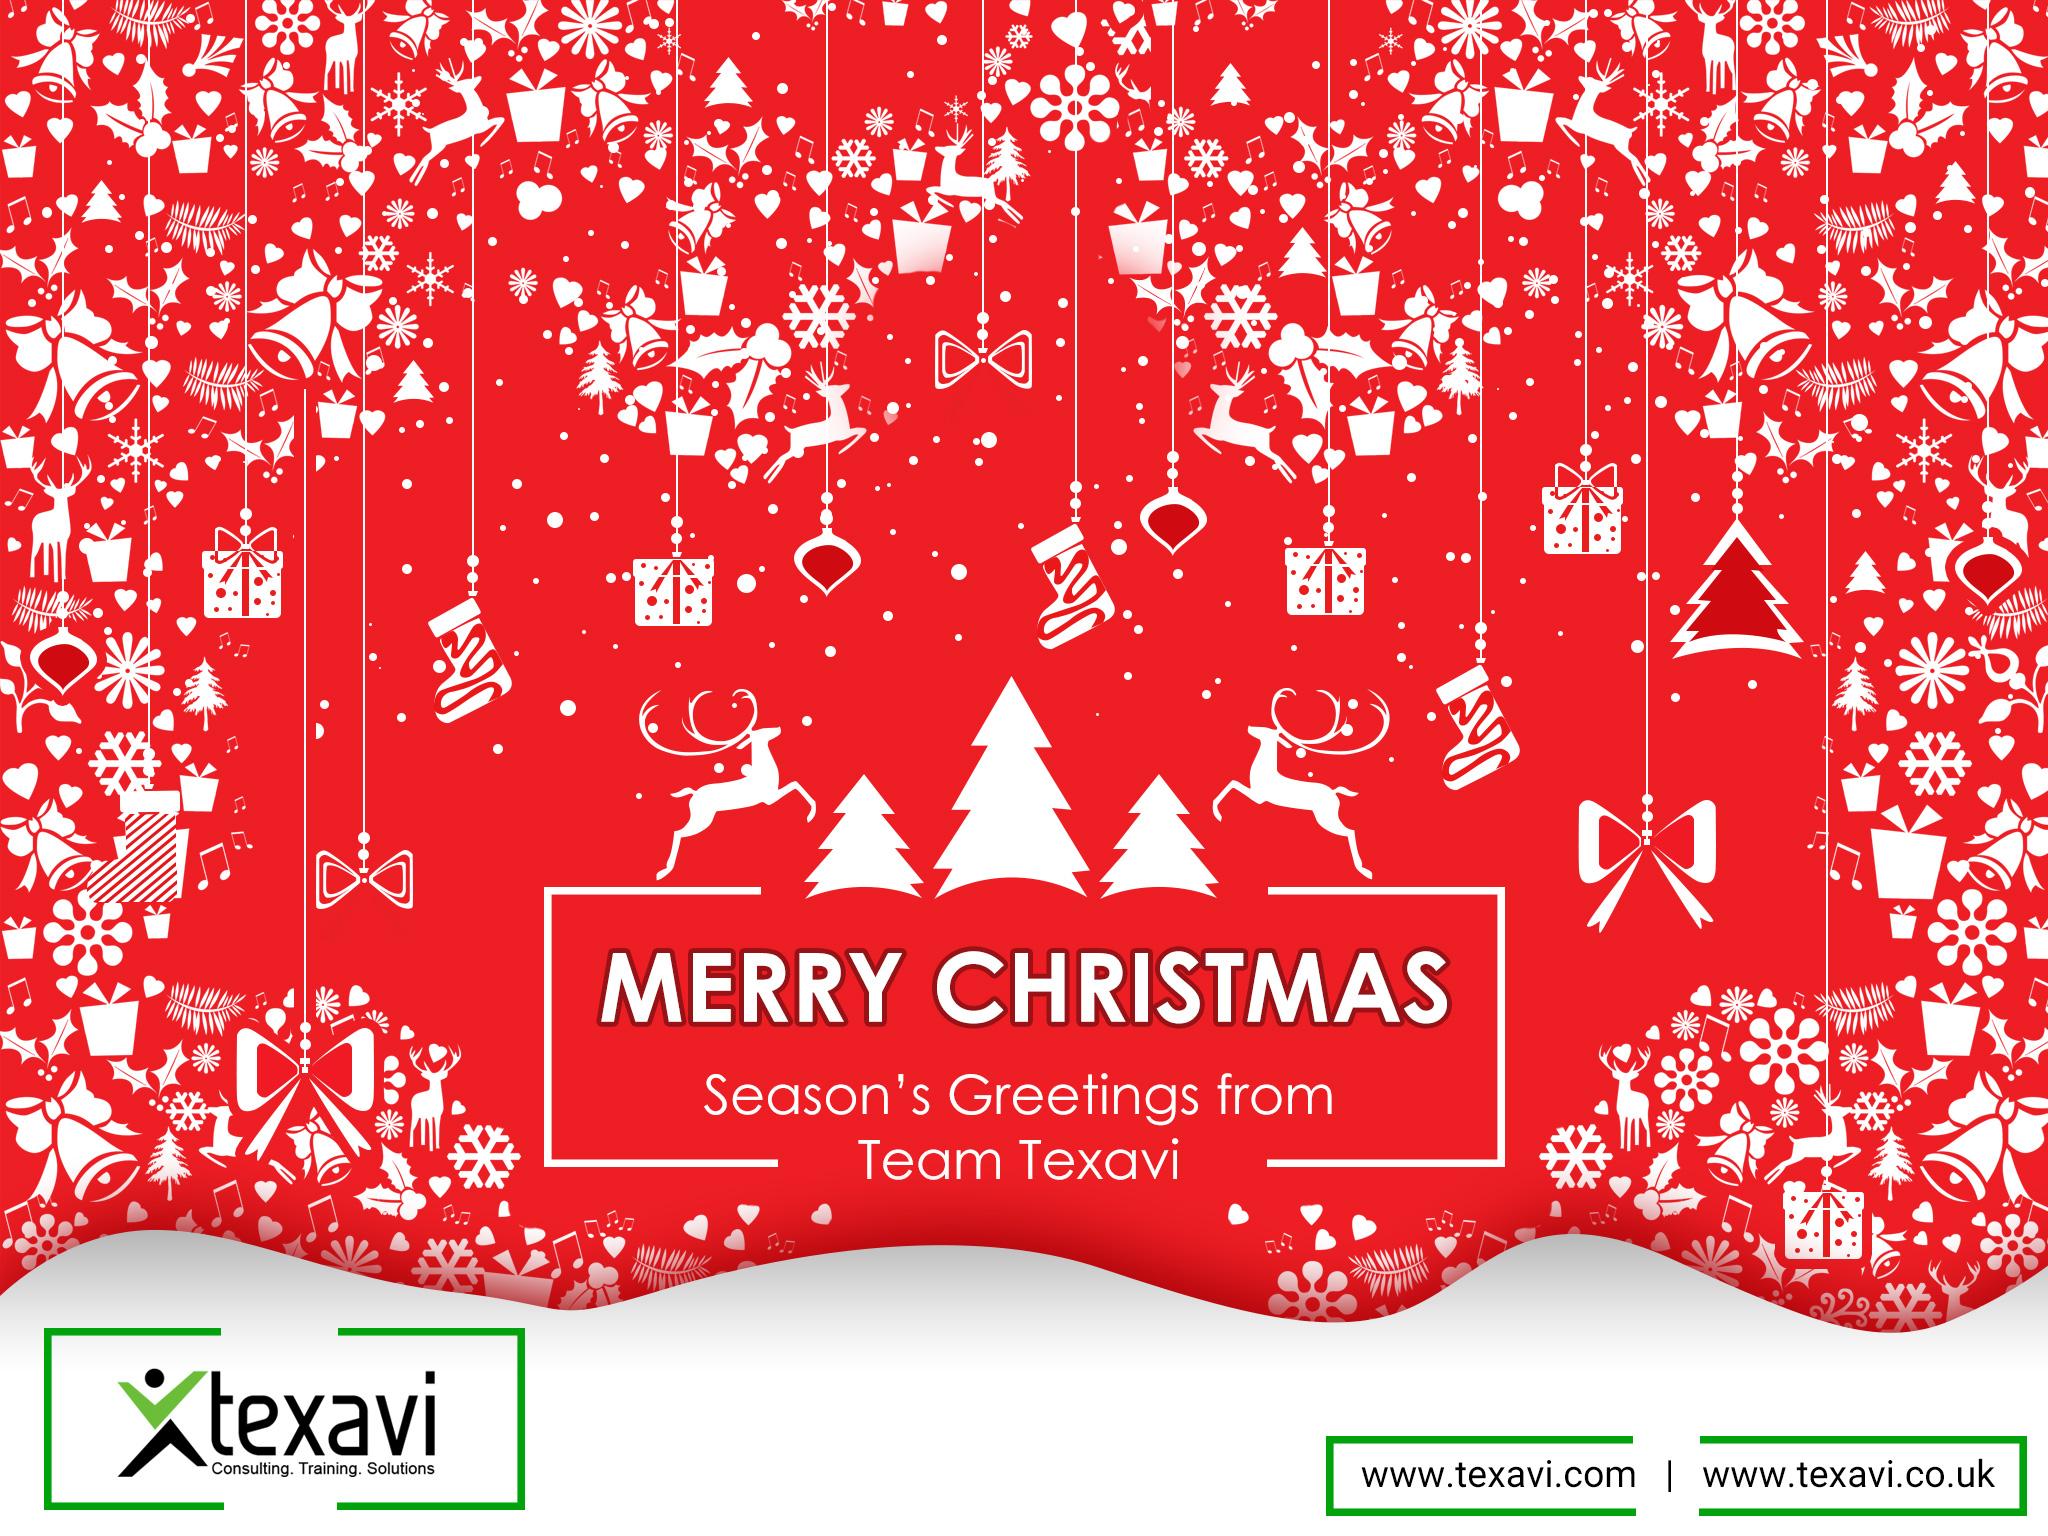 Texavi wishes you a Merry Christmas 2017